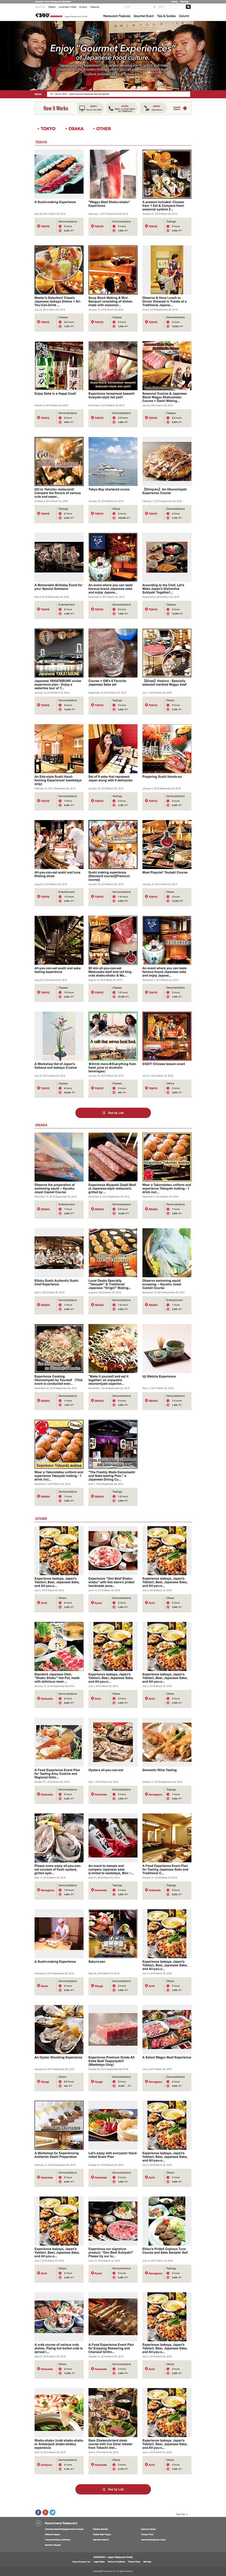 株式会社ぐるなび 食体験プラン英語版サイト制作